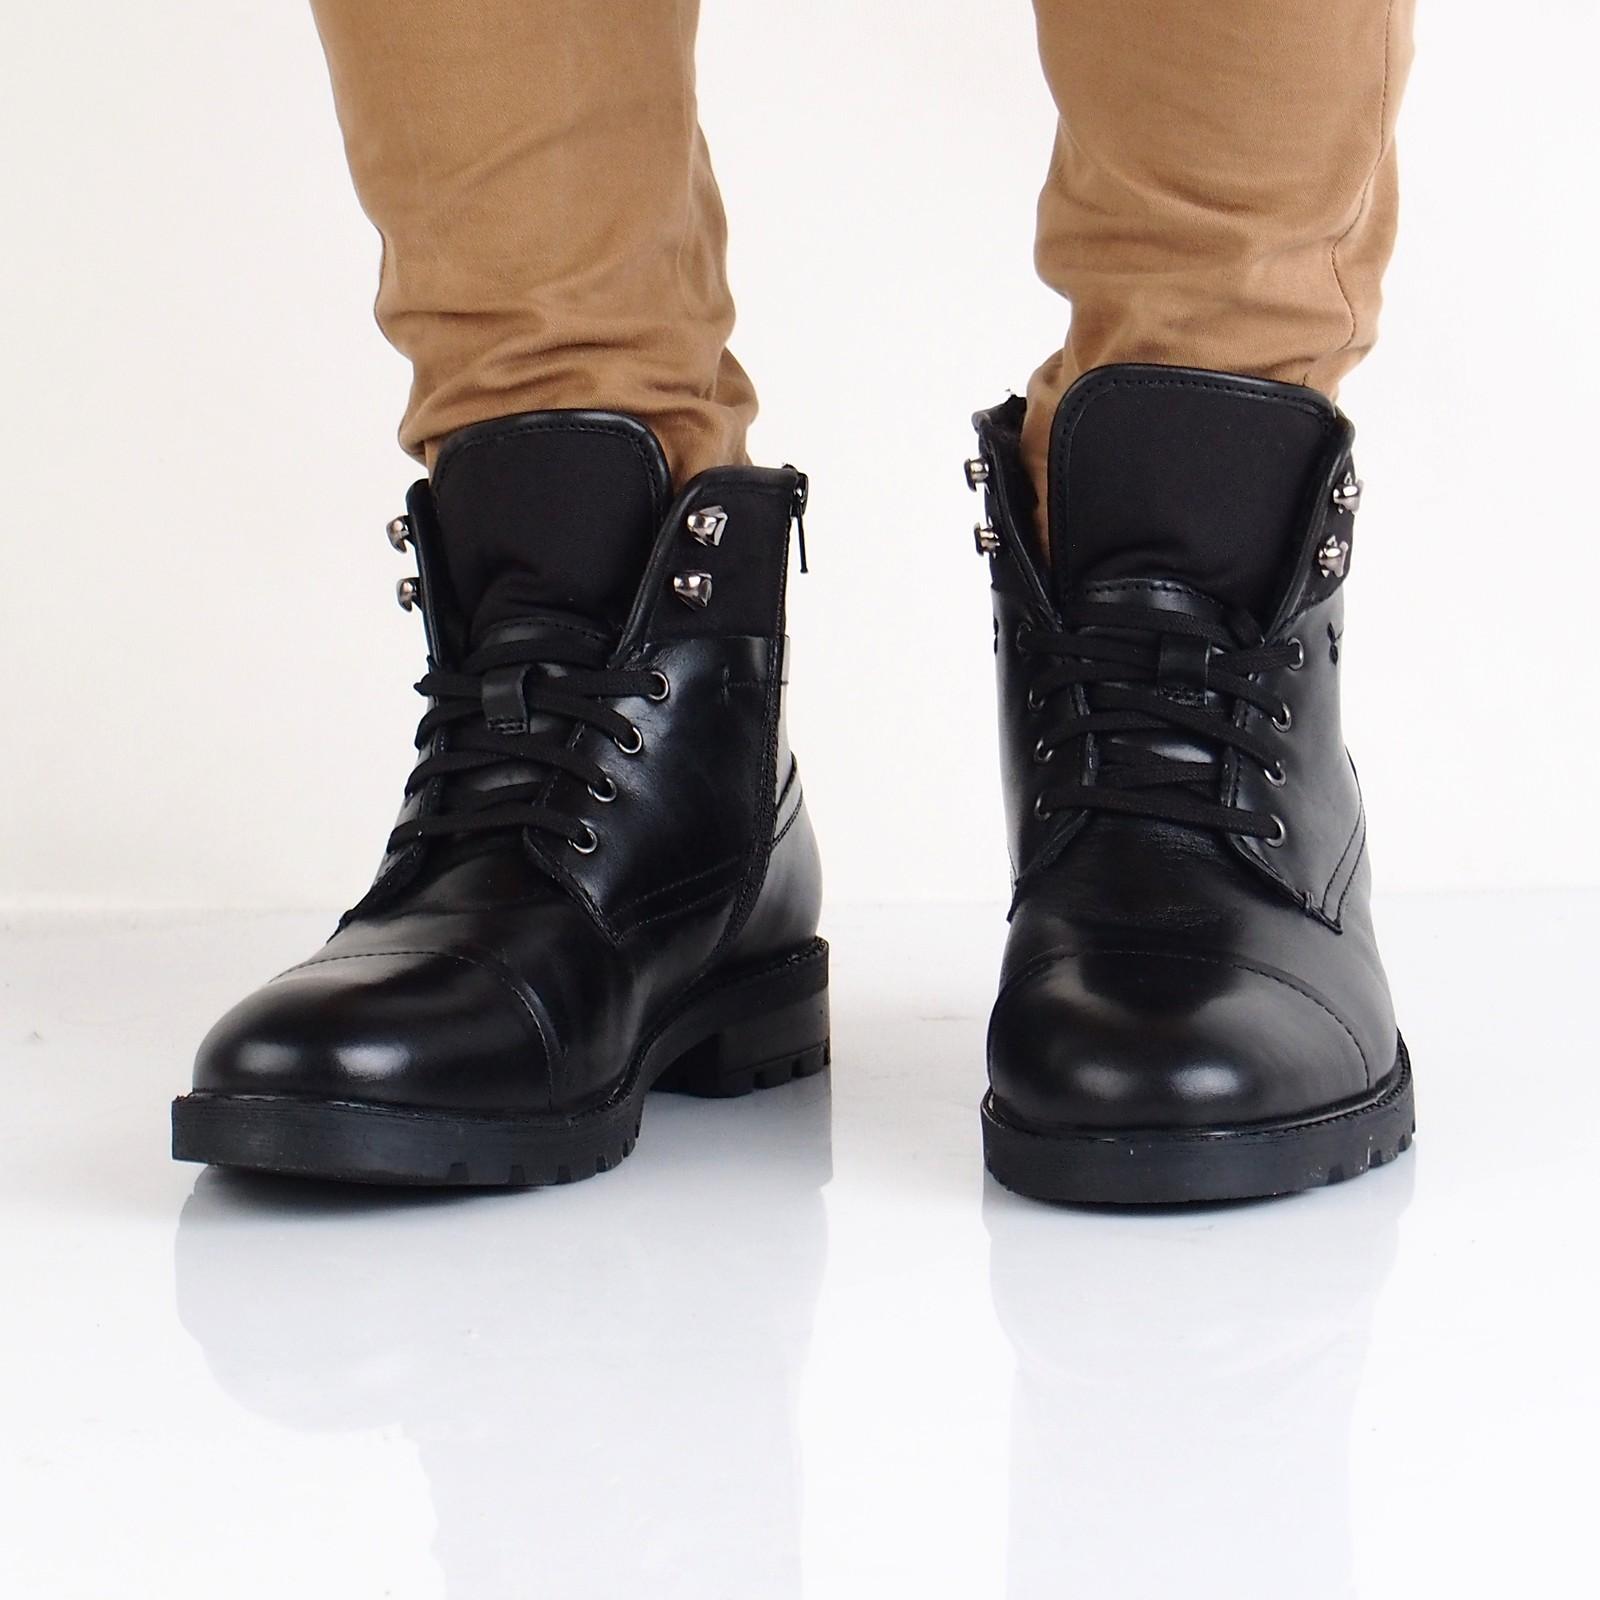 c5dc97a9c6 Robel pánska kožená členková obuv - čierna ...